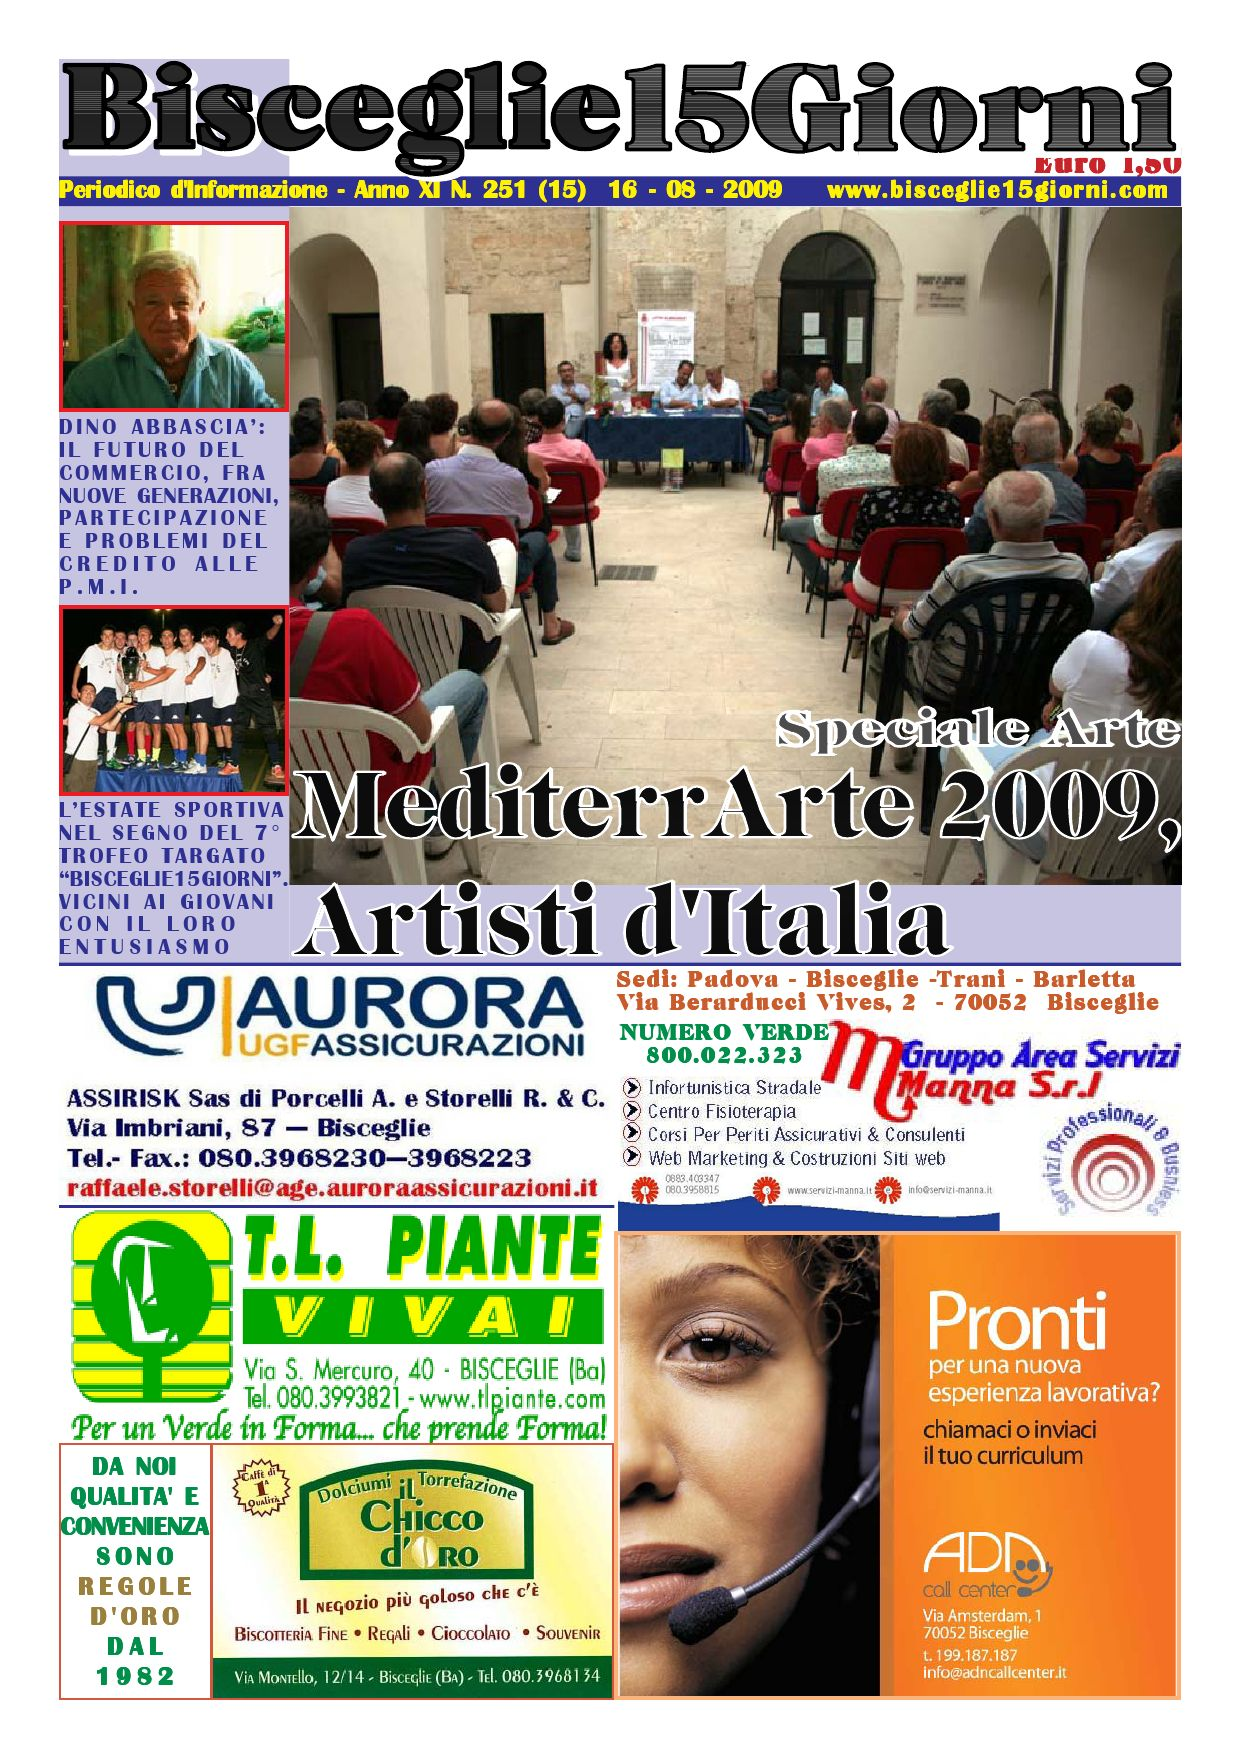 Di Pinto Bisceglie Materiale Edile bisceglie 15 giorni n. 251 del 16 agosto 2009 by salvatore